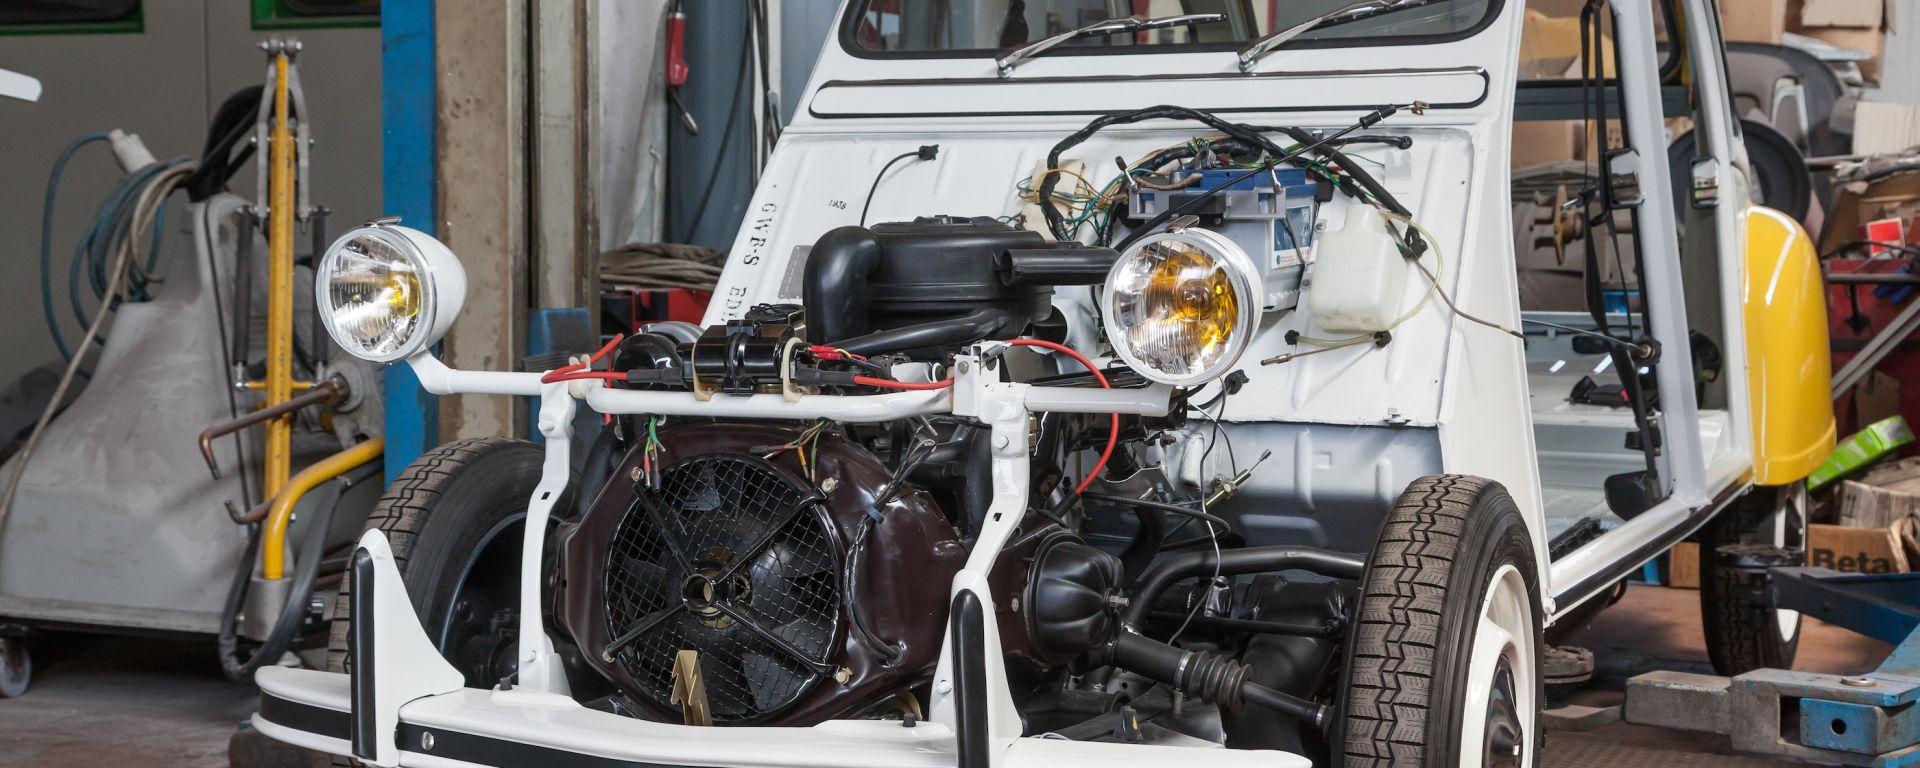 Citroën 2CV Soleil: cronaca di un restauro